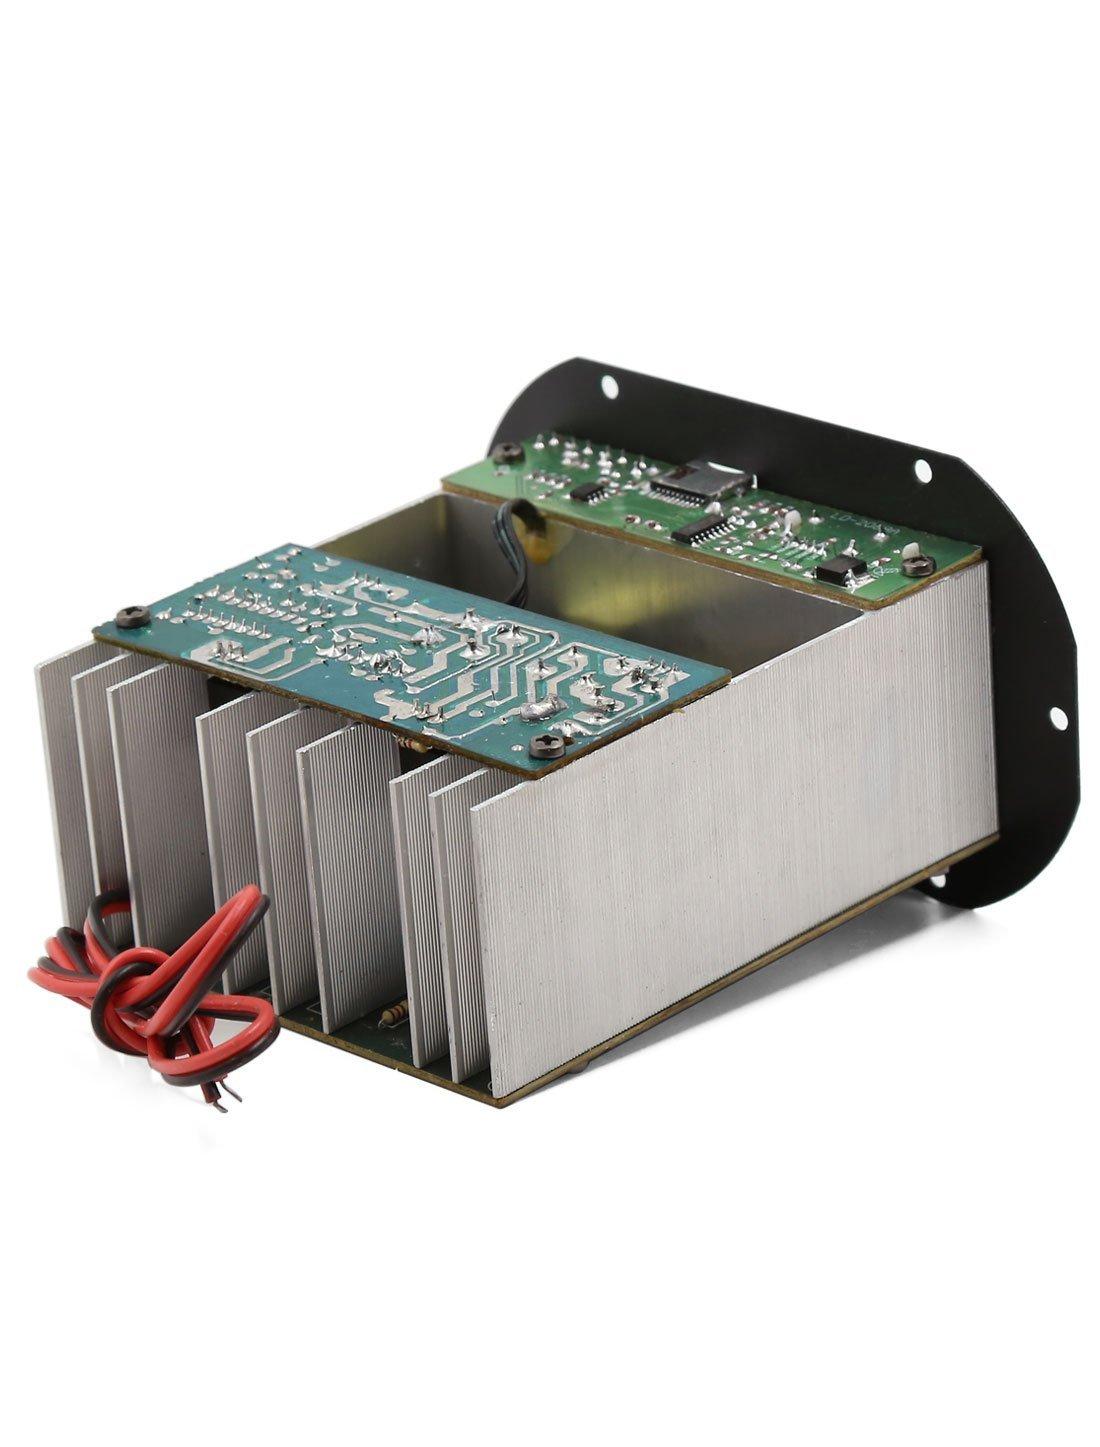 Amazon.com: eDealMax coche DE 6 pulgadas a 10 pulgadas subwoofer tablero del amplificador de potencia estéreo de altavoces: Car Electronics